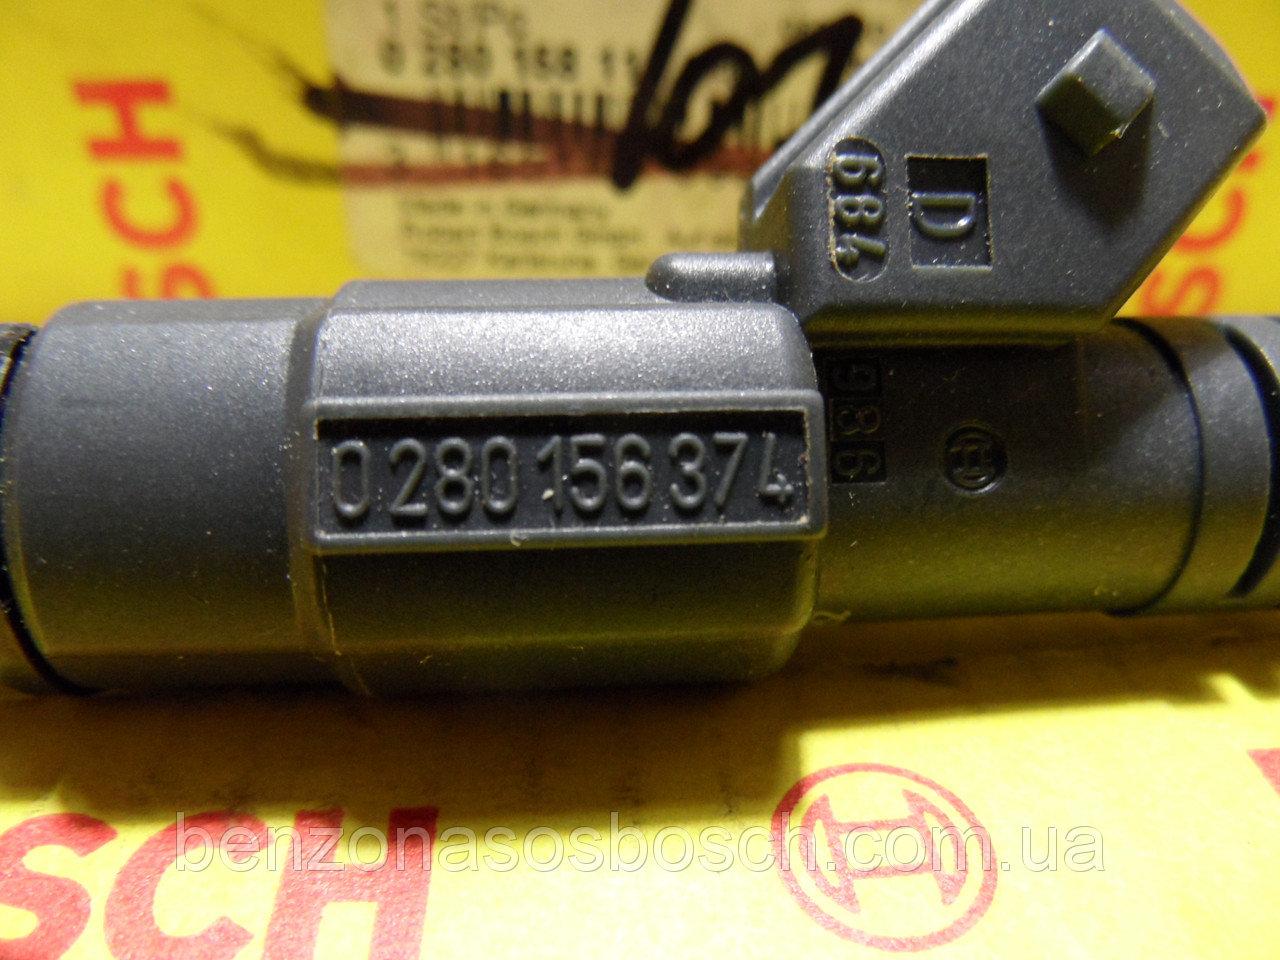 BOSCHジャパン正規品 インジェクションバルブ 0280156374